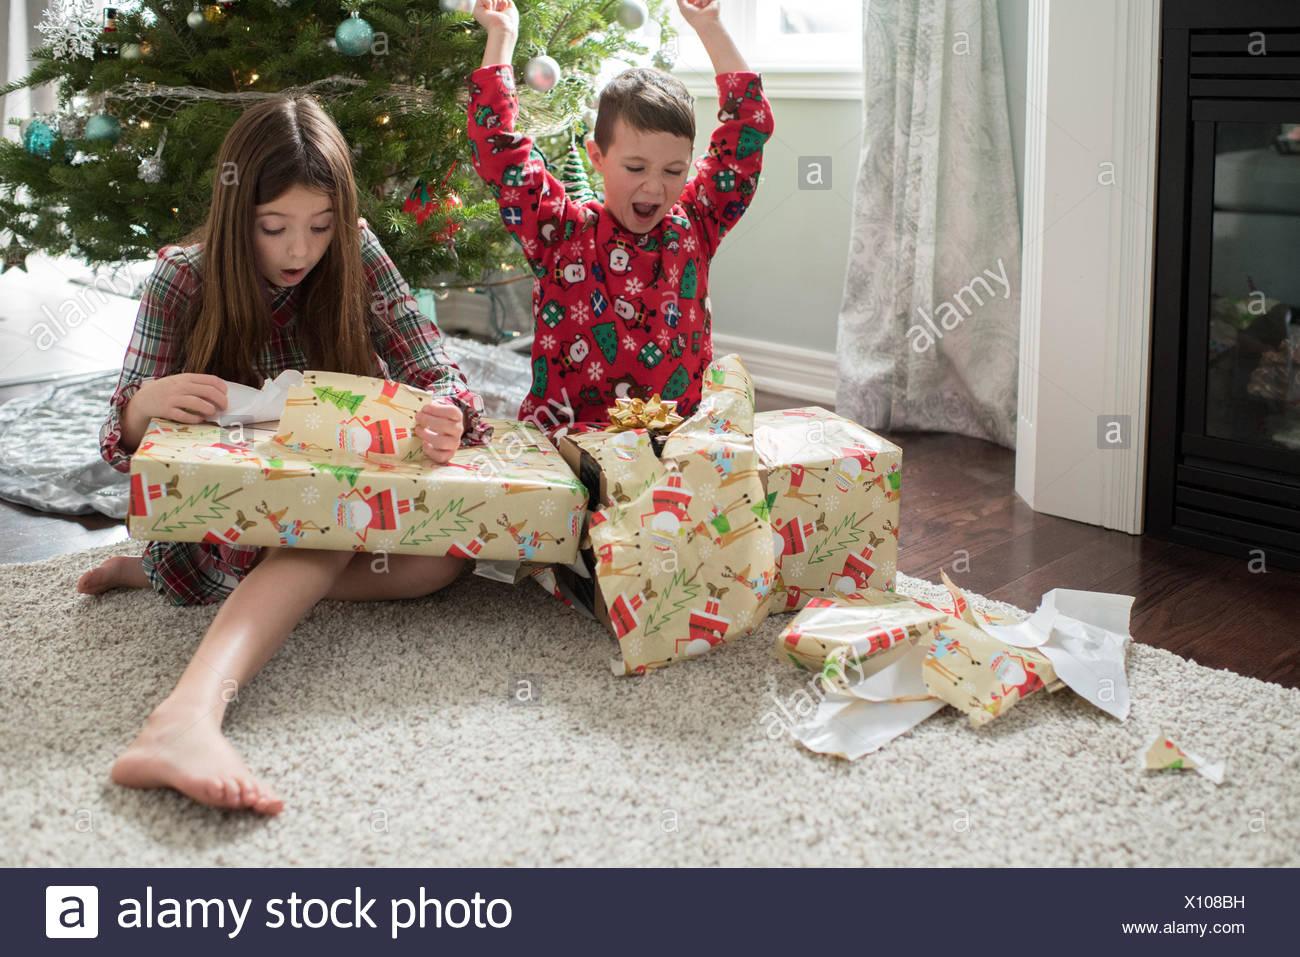 Regali Di Natale Fratello.Fratello E Sorella Di Aprire I Regali Di Natale Foto Immagine